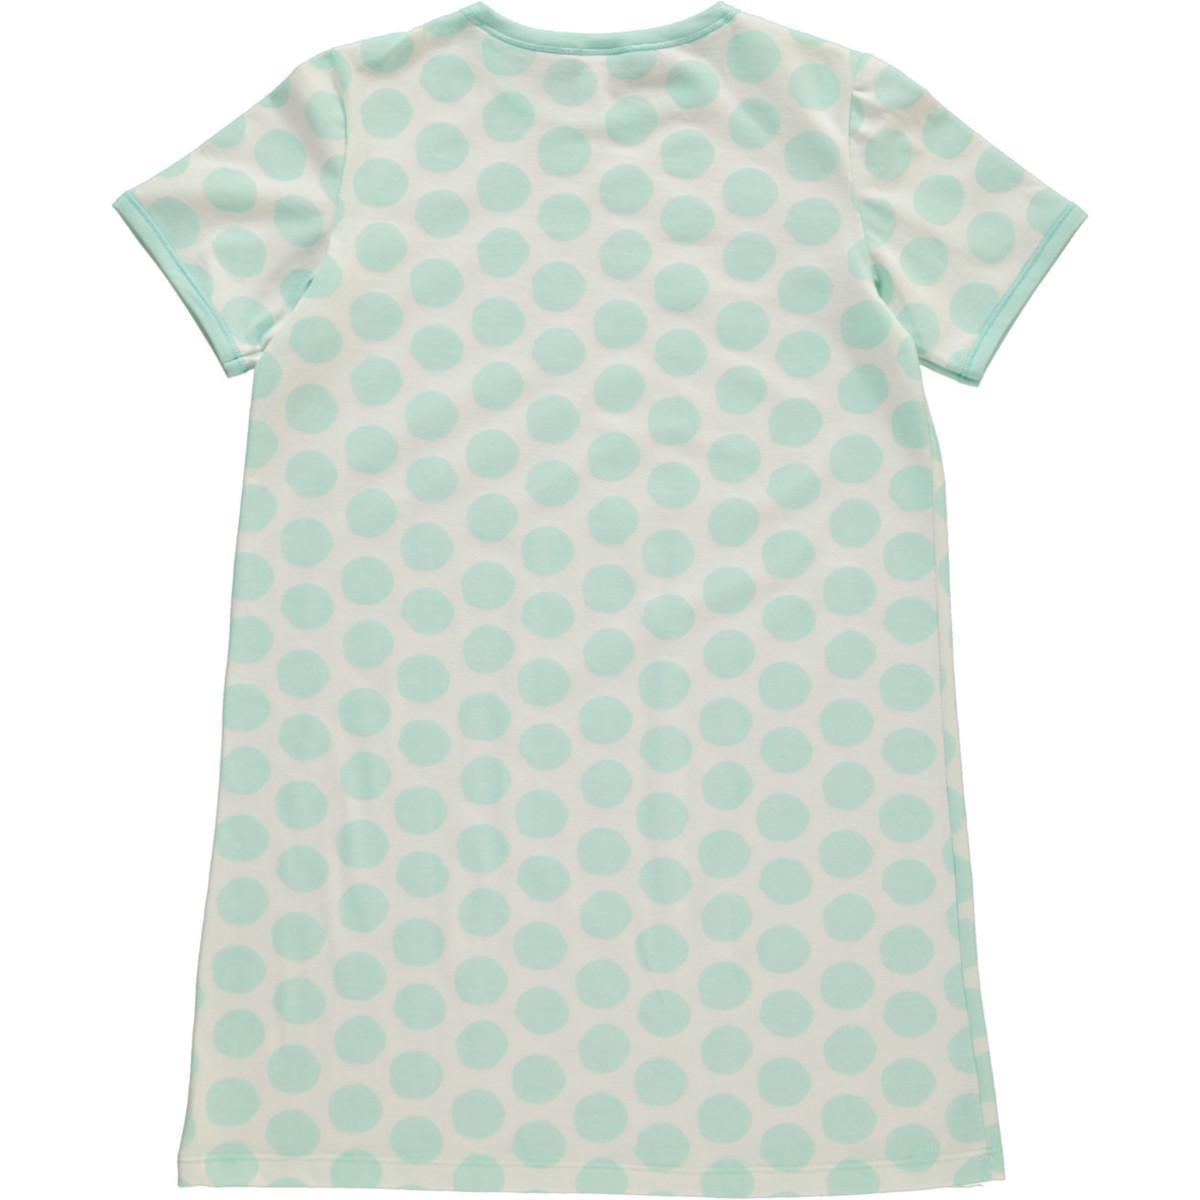 Bild 2 von Mädchen Nachthemd mit Punkten in Größe 98